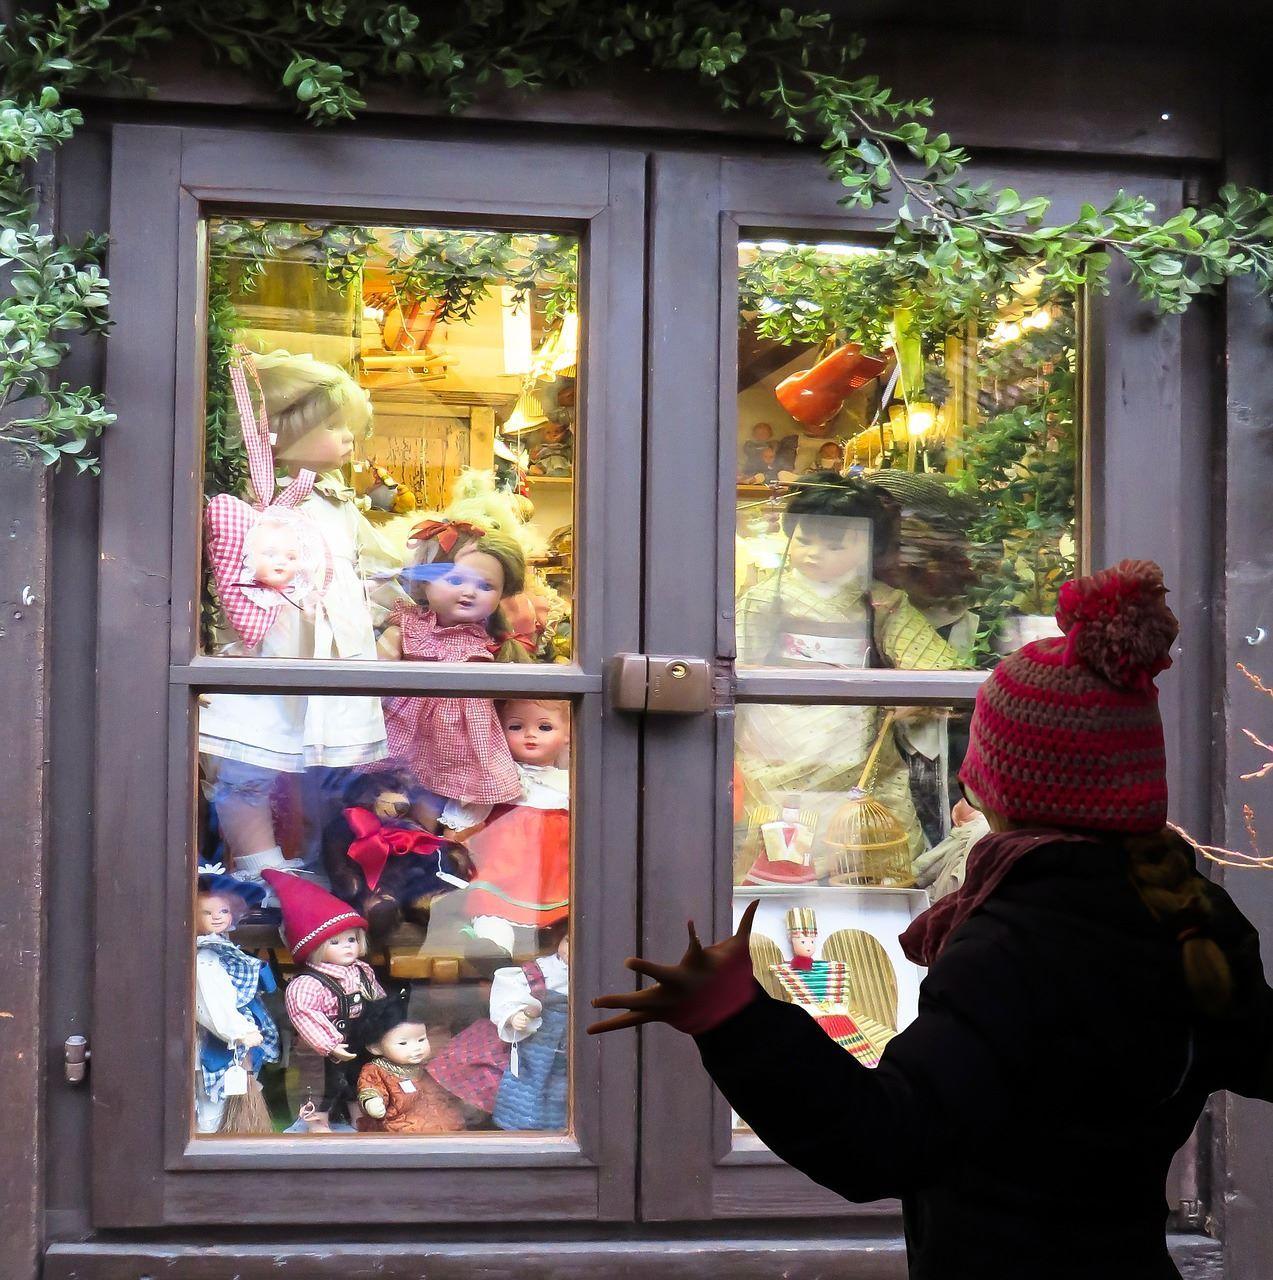 Niña observa juguetes en una tienda a través de una ventana.